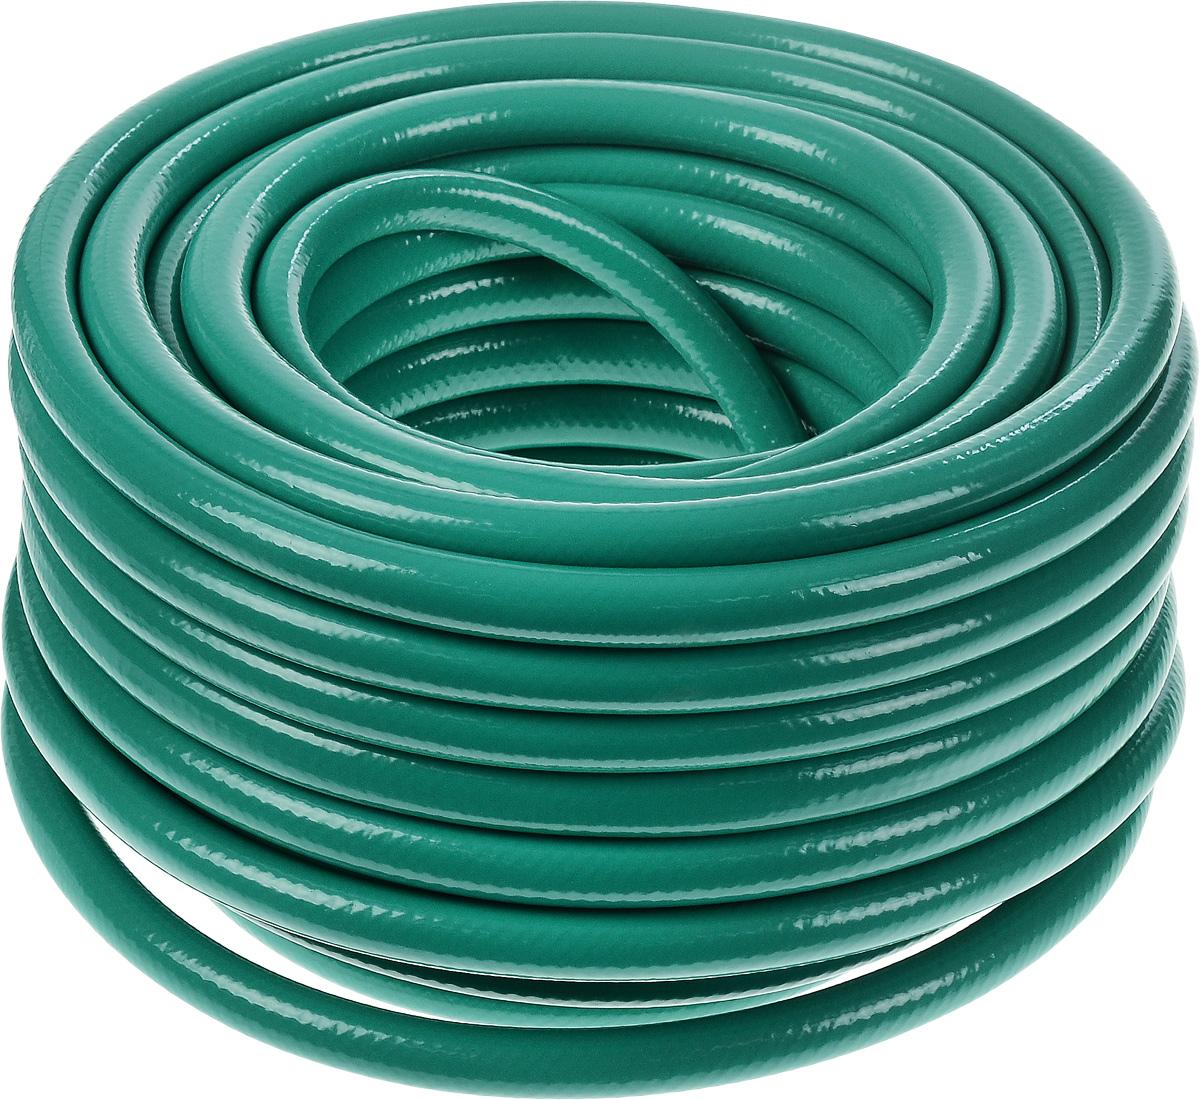 Шланг Fitt Agrifort, пятислойный, диаметр 1,25 см, длина 25 м011H1800Пятислойный армированный шланг Fitt Agrifort предназначен для сельскохозяйственных и строительных работ. Внешний слой изготовлен из непрозрачного ПВХ, который препятствует образованию микроорганизмов и плесени внутри шланга, и отличается стойкостью к УФ-лучам.Длина шланга: 25 м.Внутренний диаметр шланга: 12,5 мм.Толщина стенки шланга: 2 мм. Максимальное рабочее давление: 12 бар.Срок службы:12 лет.